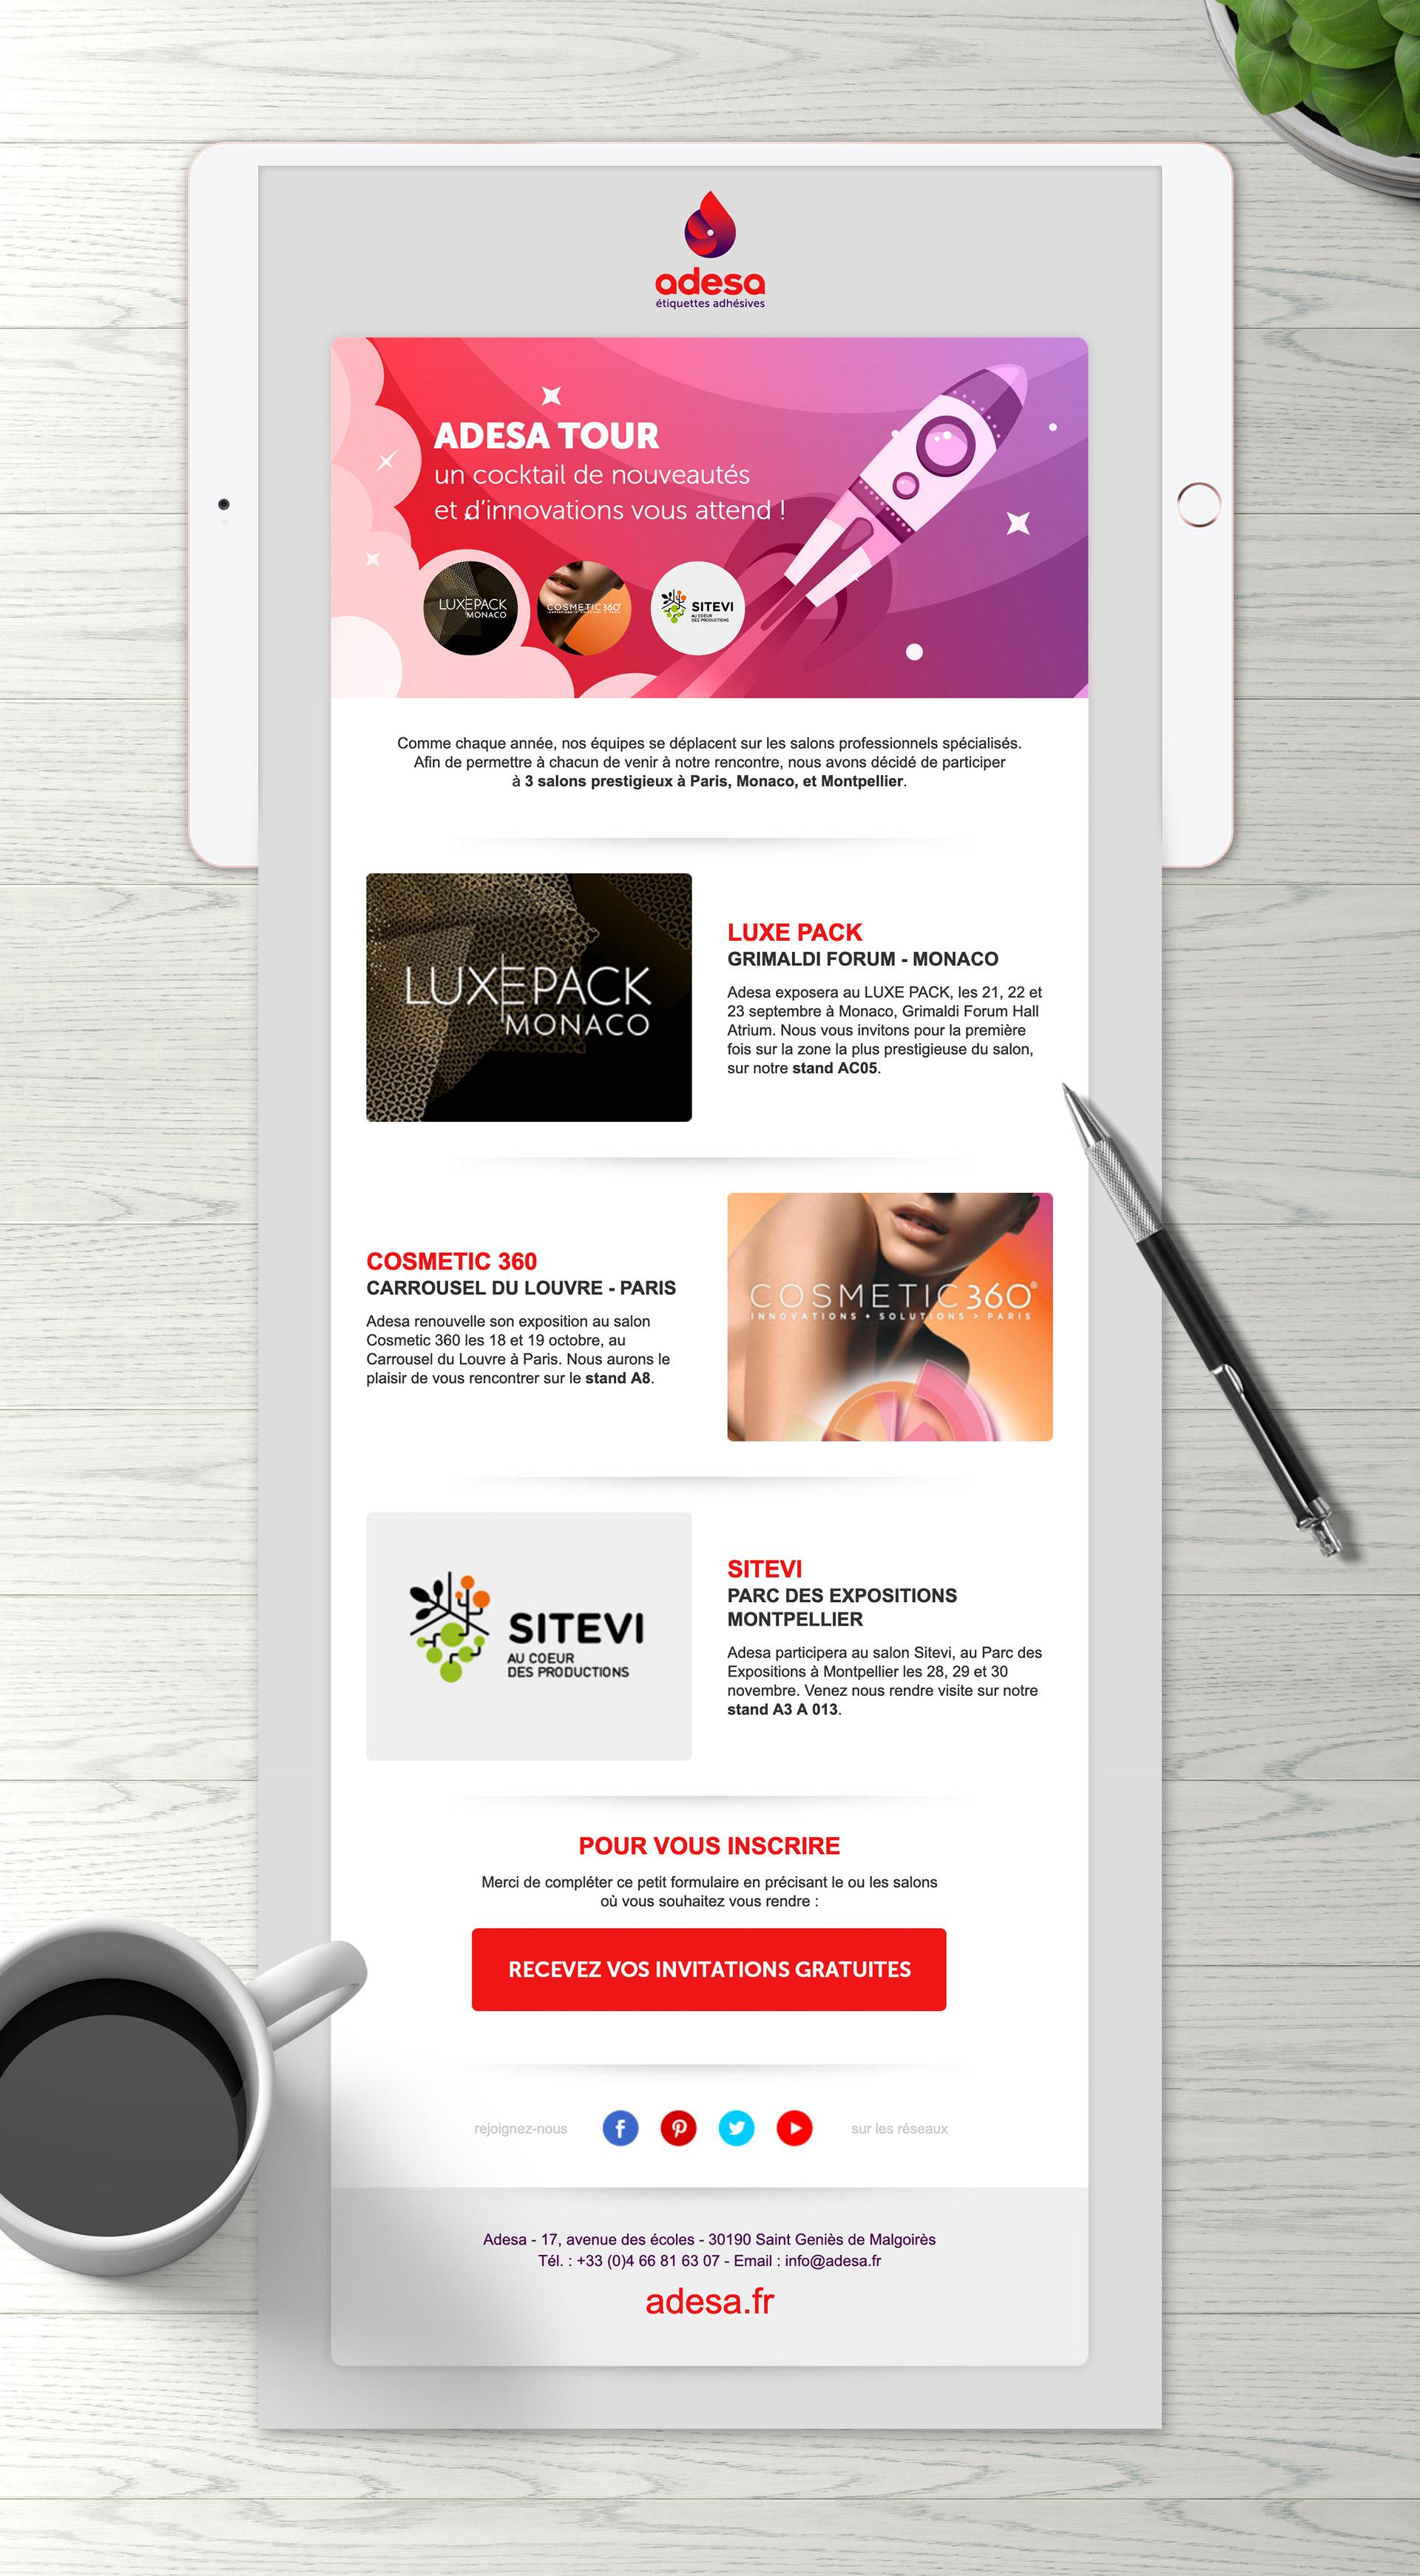 Création mailing salons Adesa imprimerie étiquettes adhésives